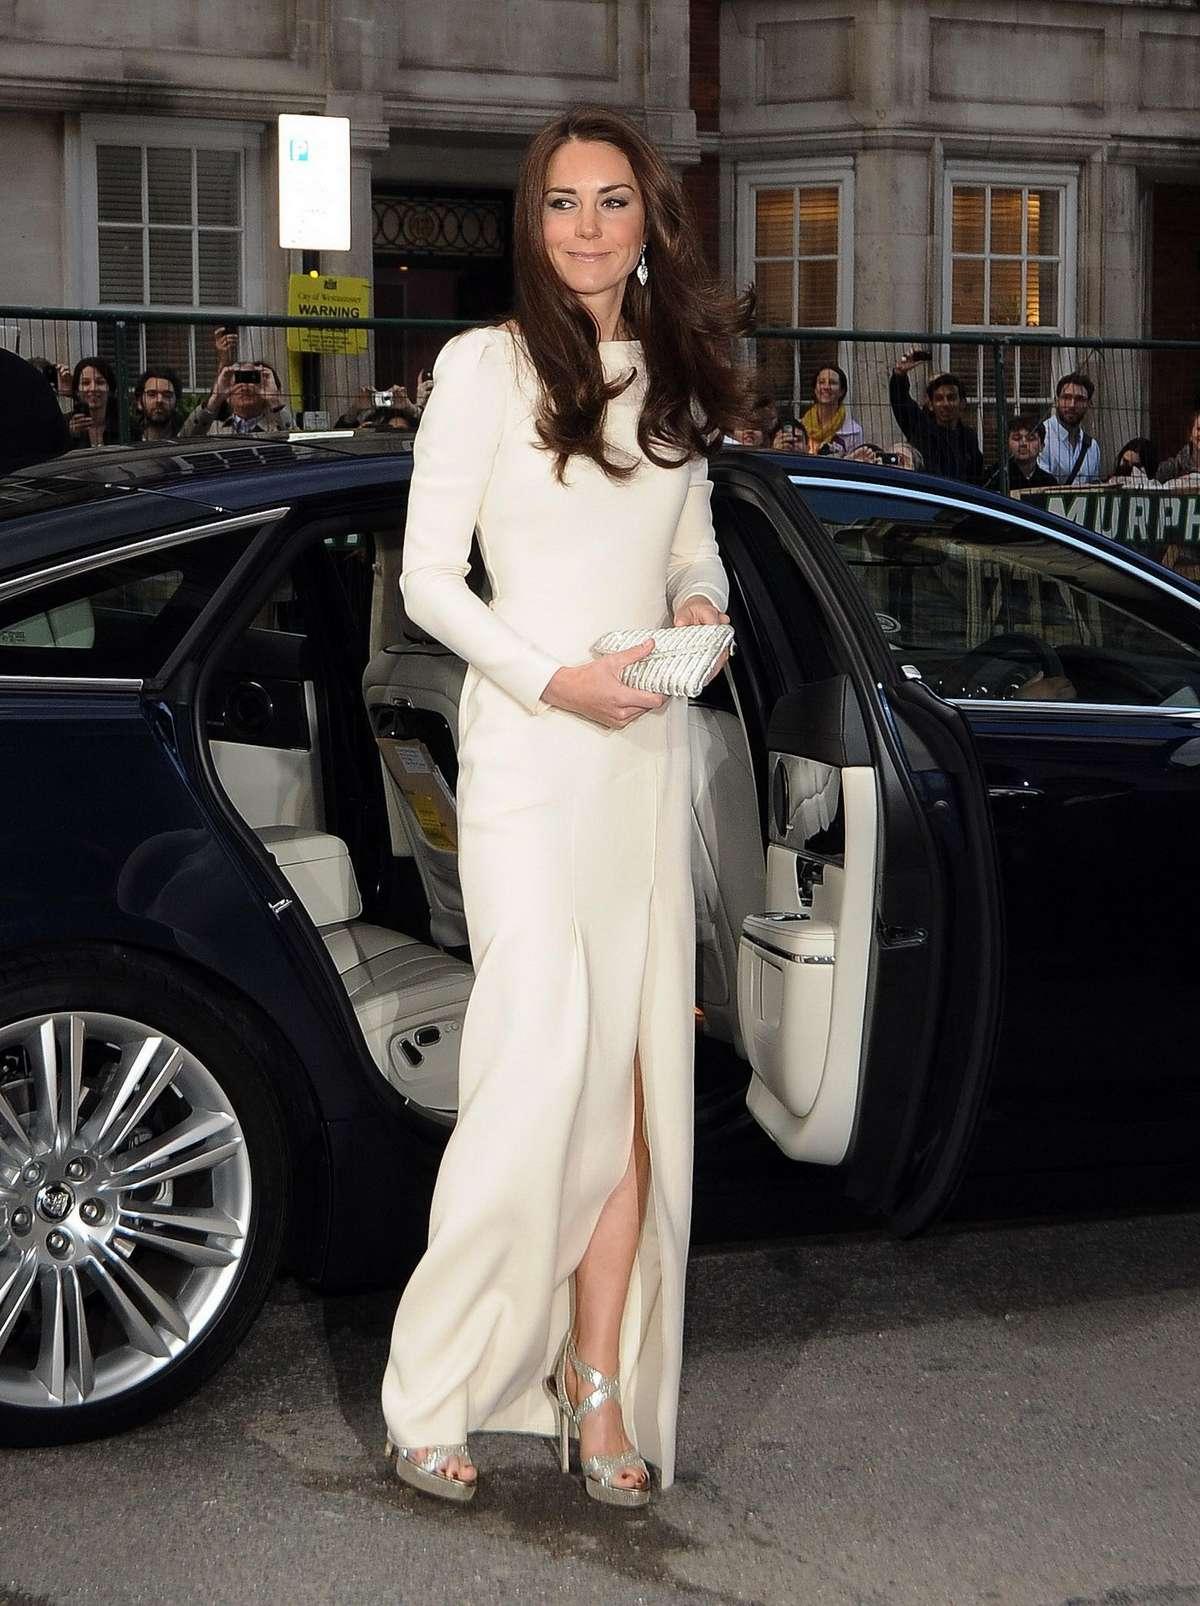 Kate Middleton - claridges hotel may 8